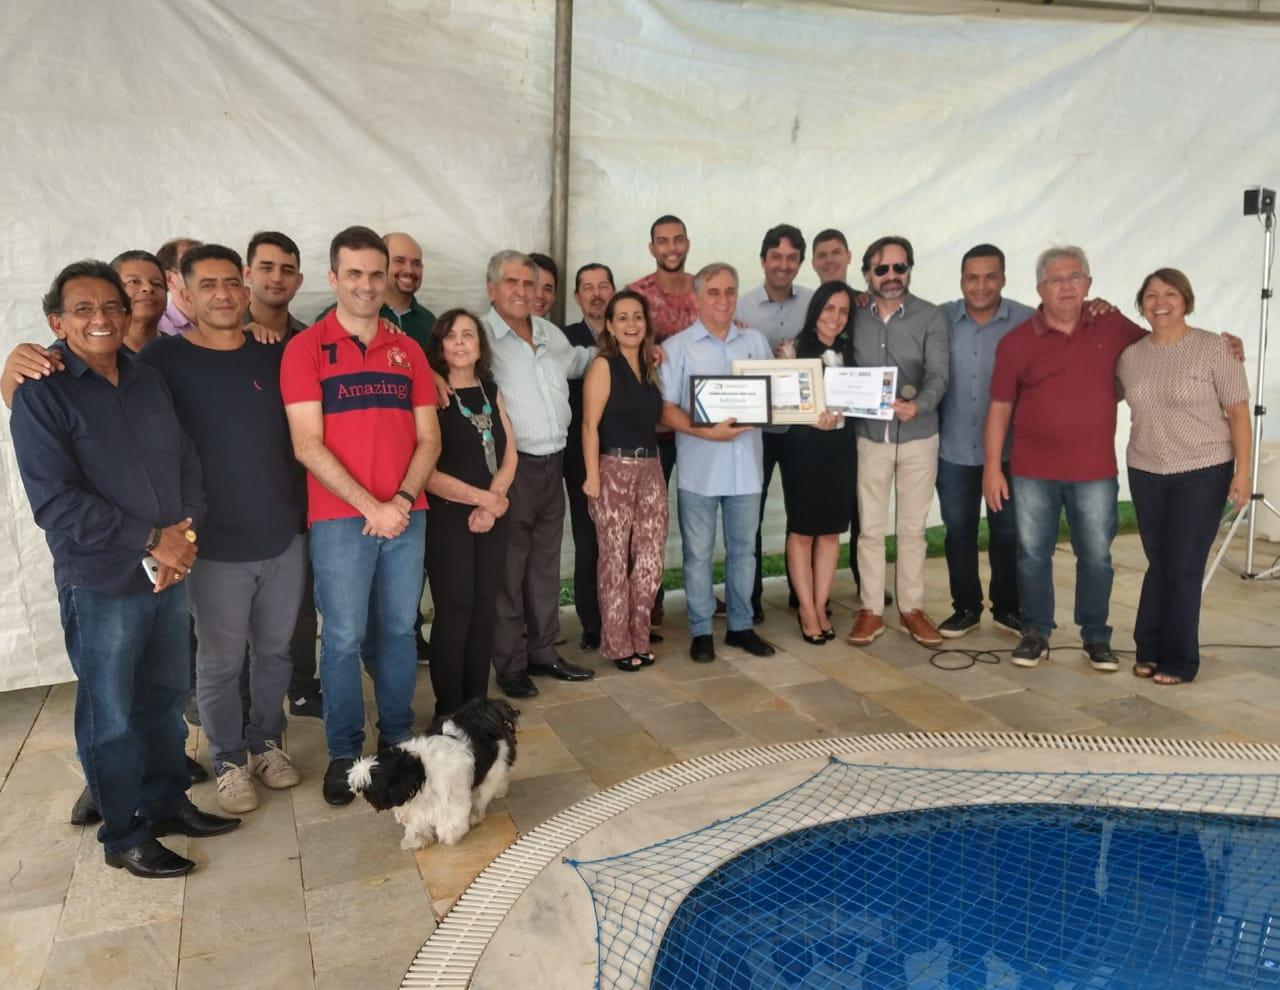 Izalci Lucas recebe o Prêmio Destaque ABBP 2018